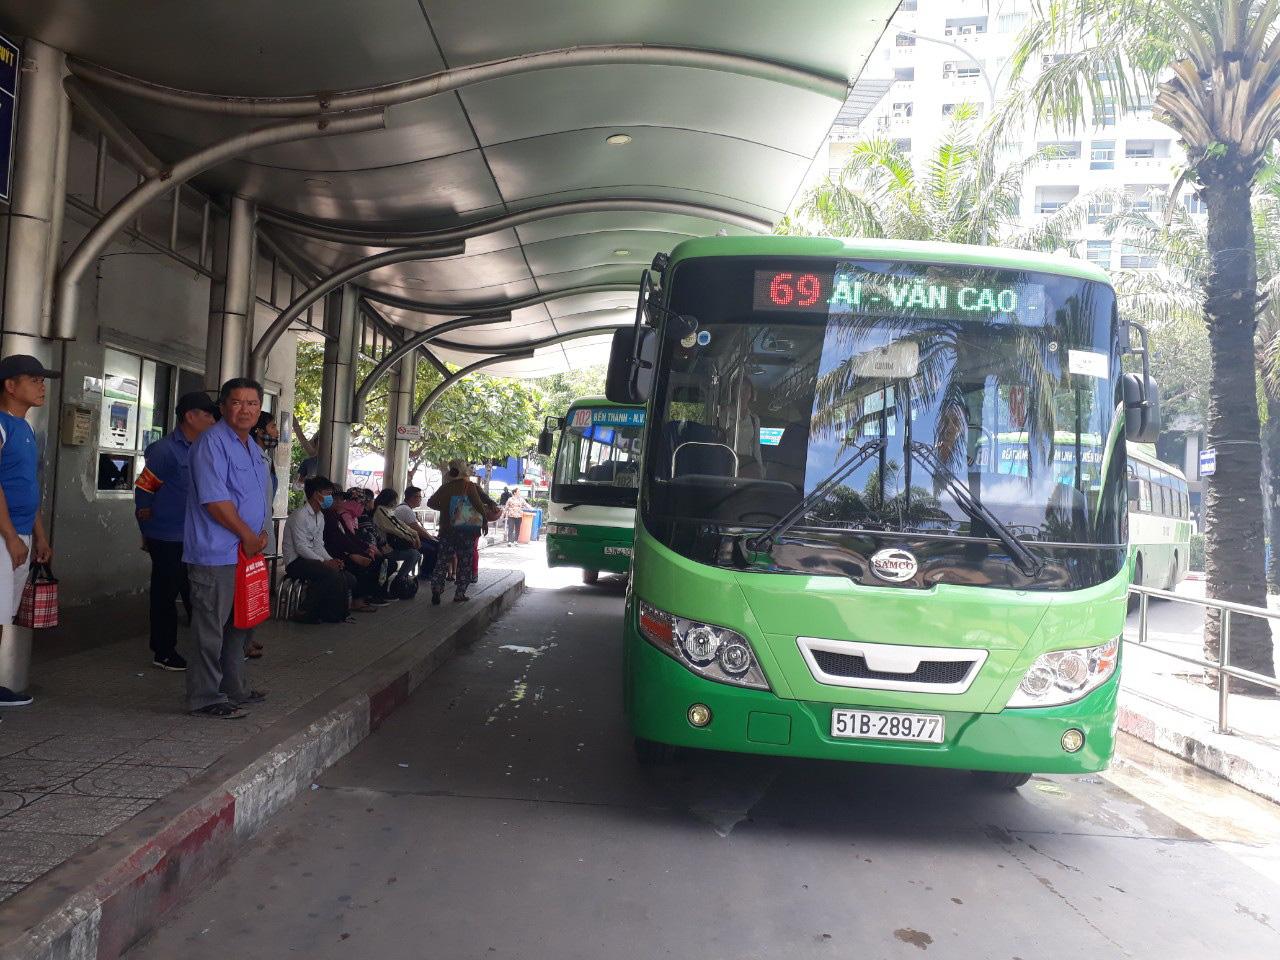 TP HCM: Giữa tháng 8, hàng loạt tuyến xe buýt có nguy cơ ngừng chạy vì nợ nần